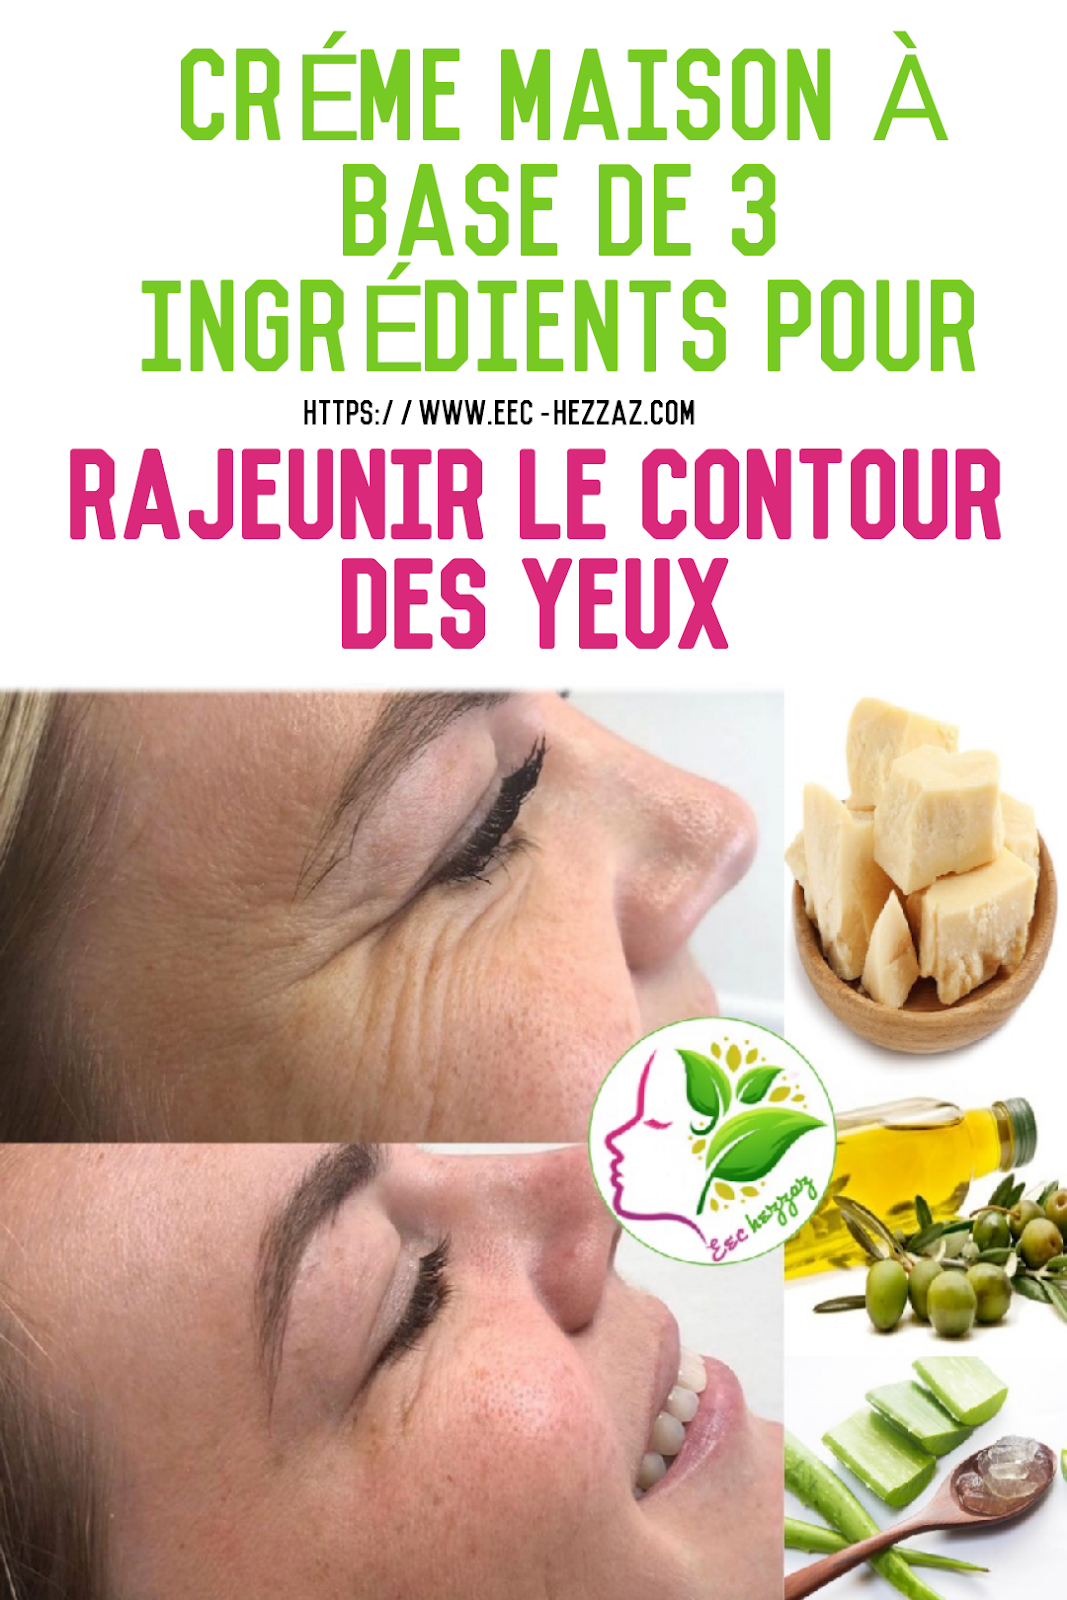 Crème maison à base de 3 ingrédients pour rajeunir le contour des yeux